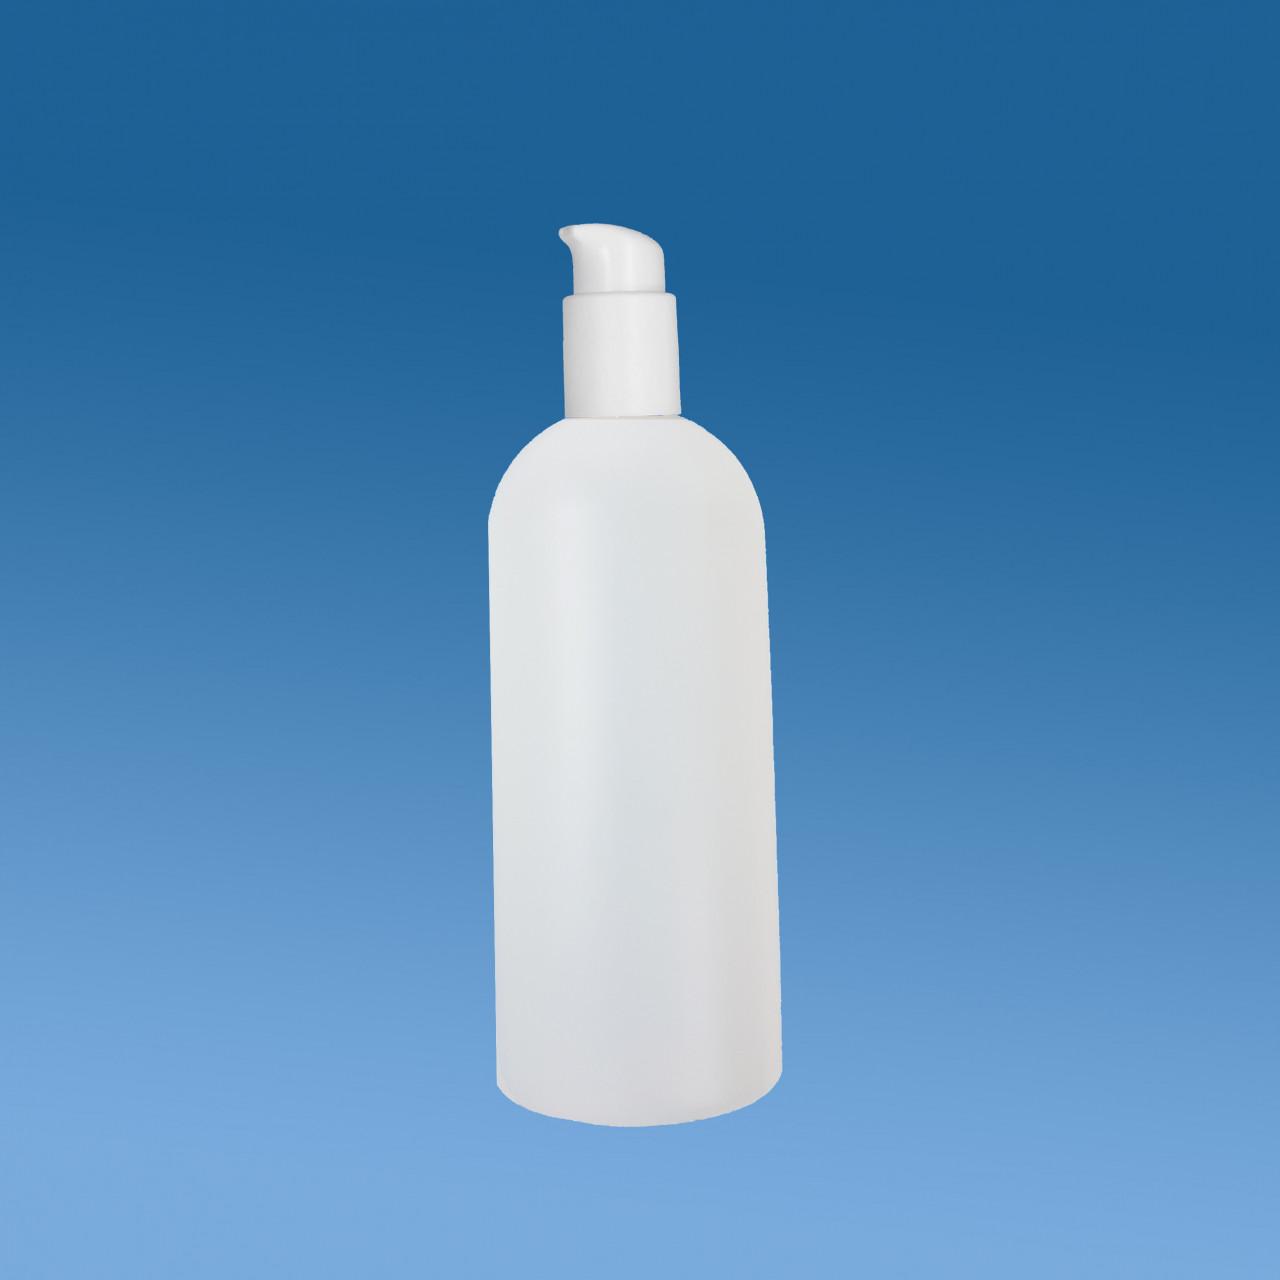 Rundflasche 500 ml |mit Lotion-Pumpen-Aufsatz